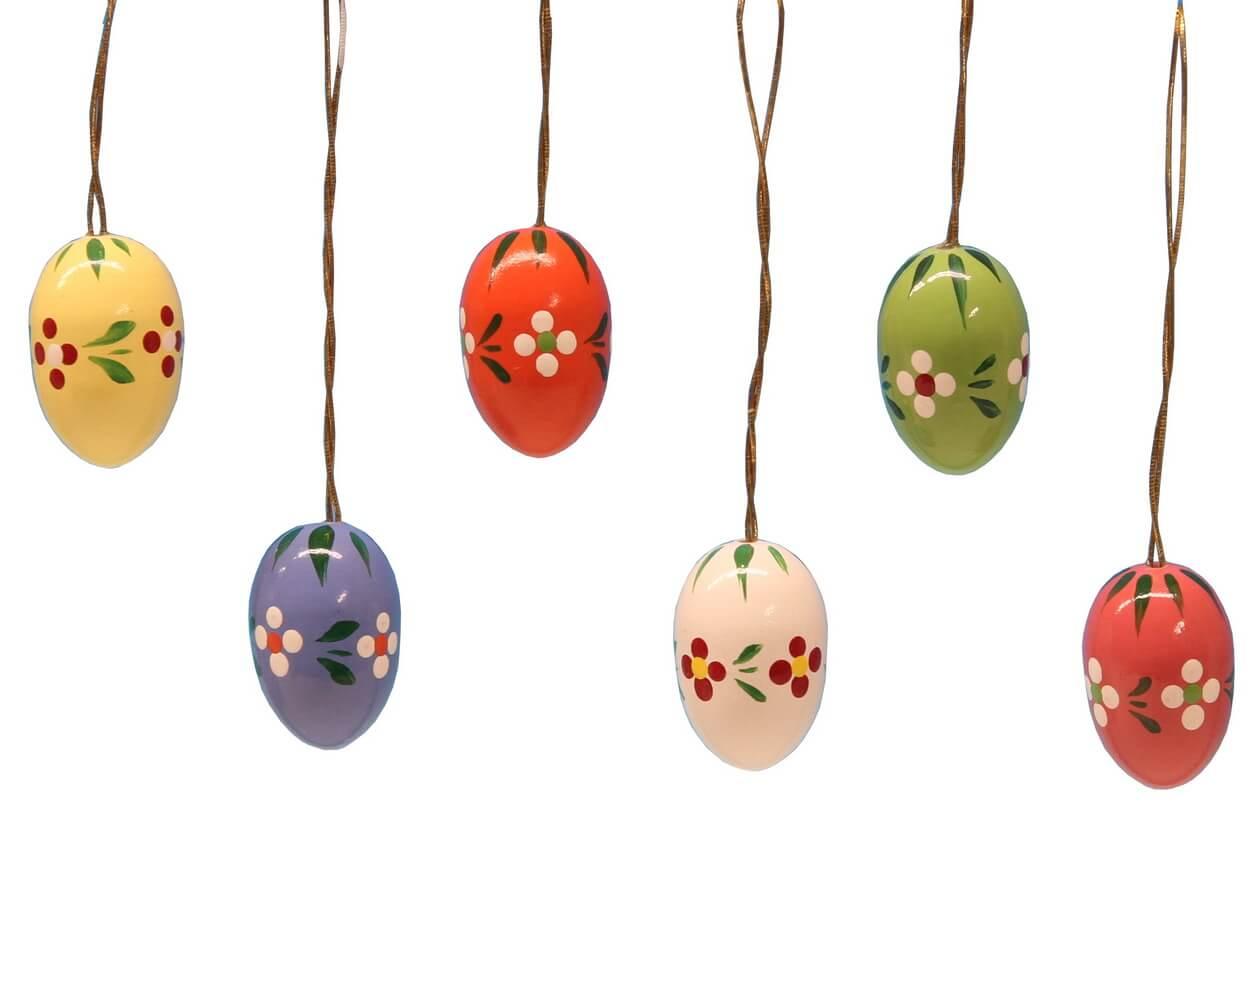 Ostereier mit Punkten und Blumen, 6 Stück, handbemalt, 6 verschiedene Farben im Satz, 2,1 cm von Frieder & André Uhlig Seiffen/ Erzgebirge